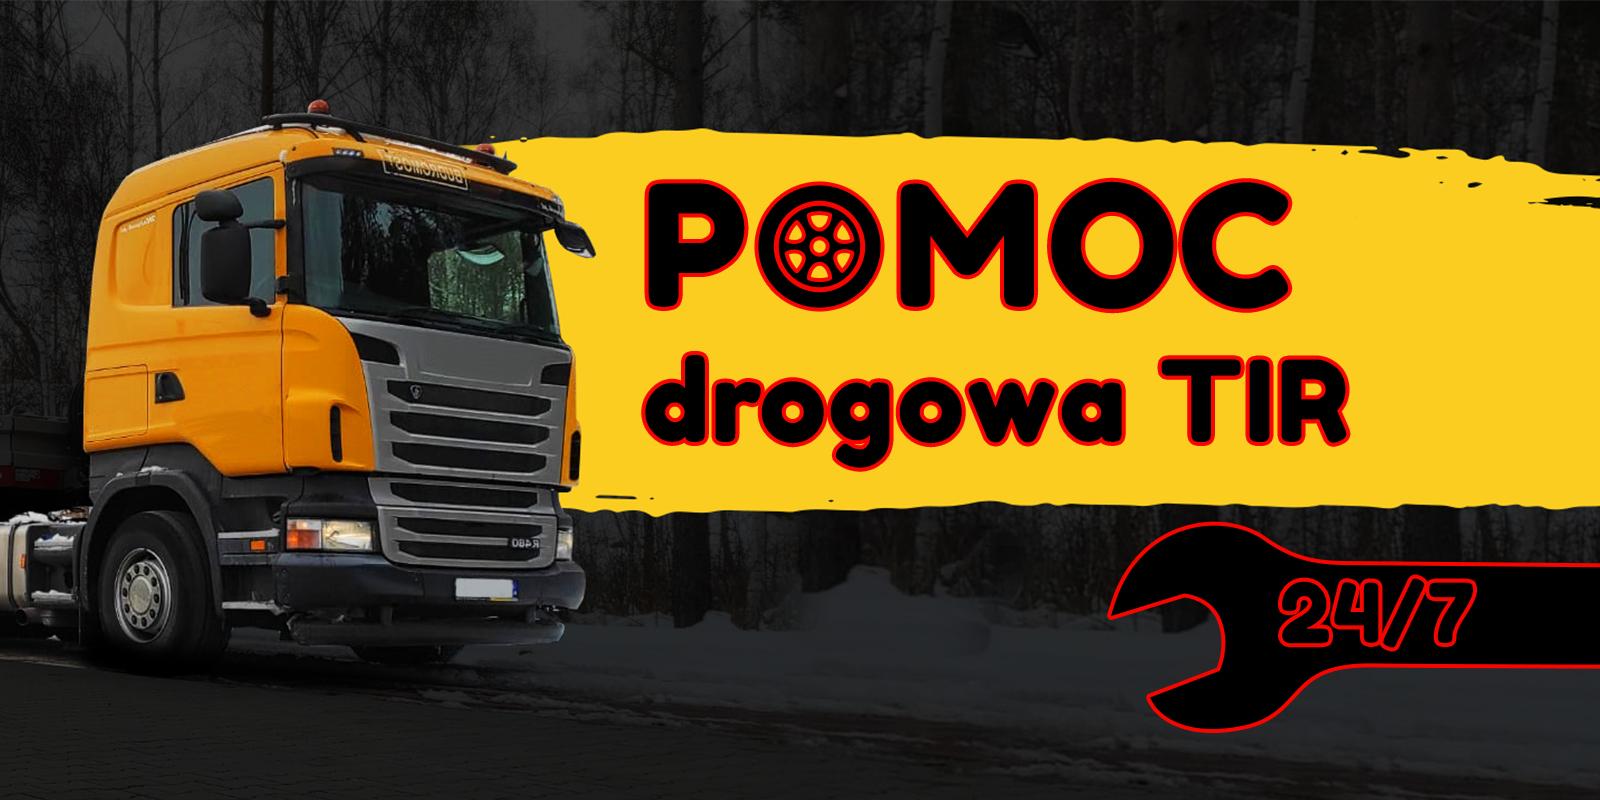 logo POMOC DROGOWA CIĘŻAROWE-TIR  ZGORZELEC 507 548 249